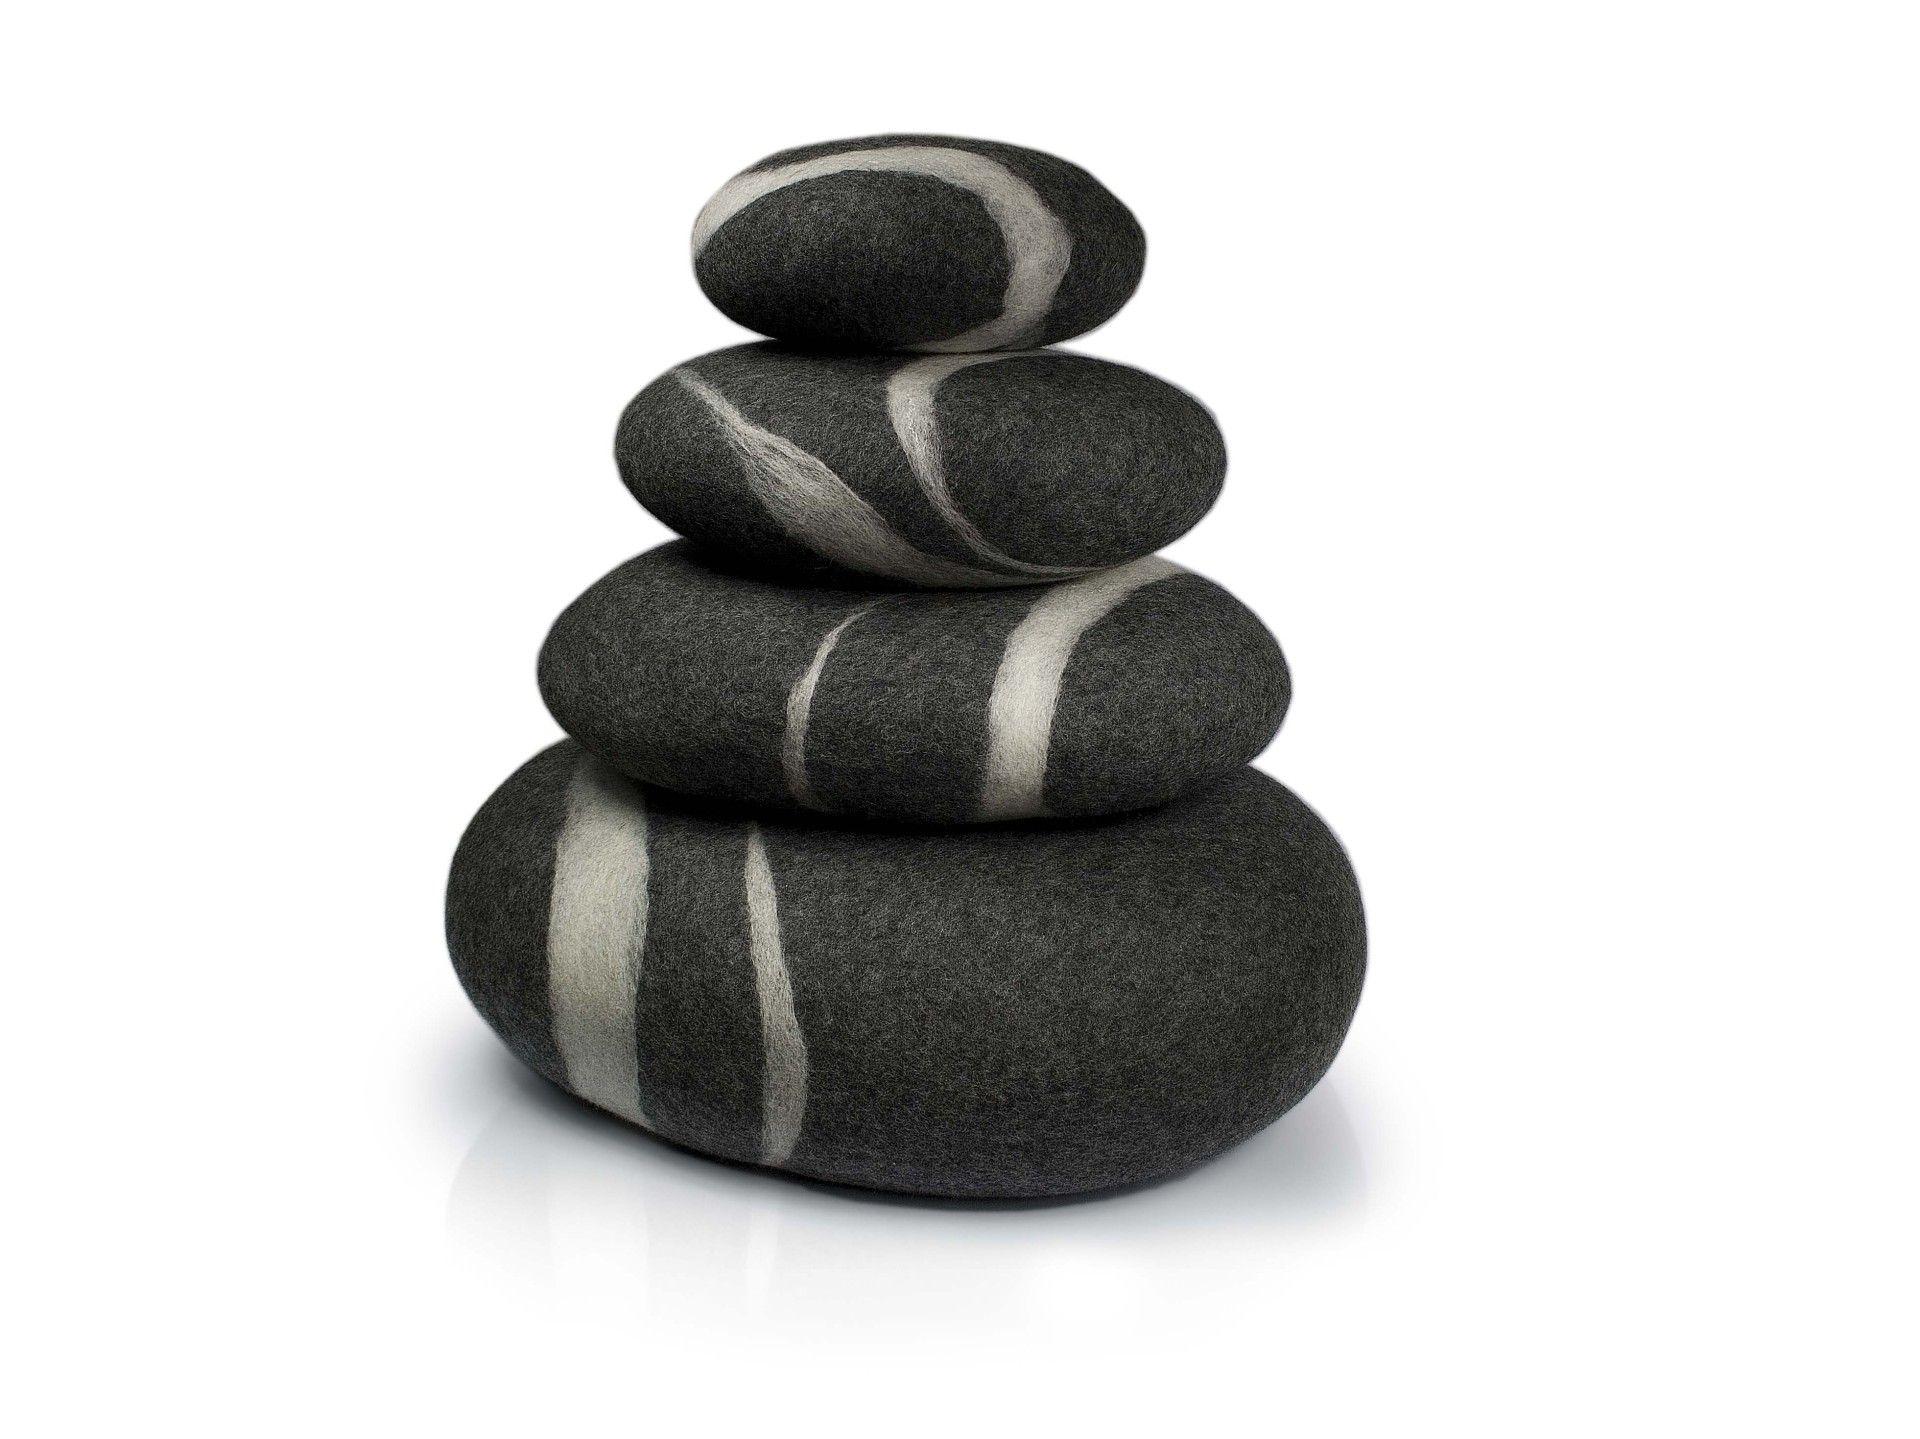 filzkissen von fivetimesone. Black Bedroom Furniture Sets. Home Design Ideas